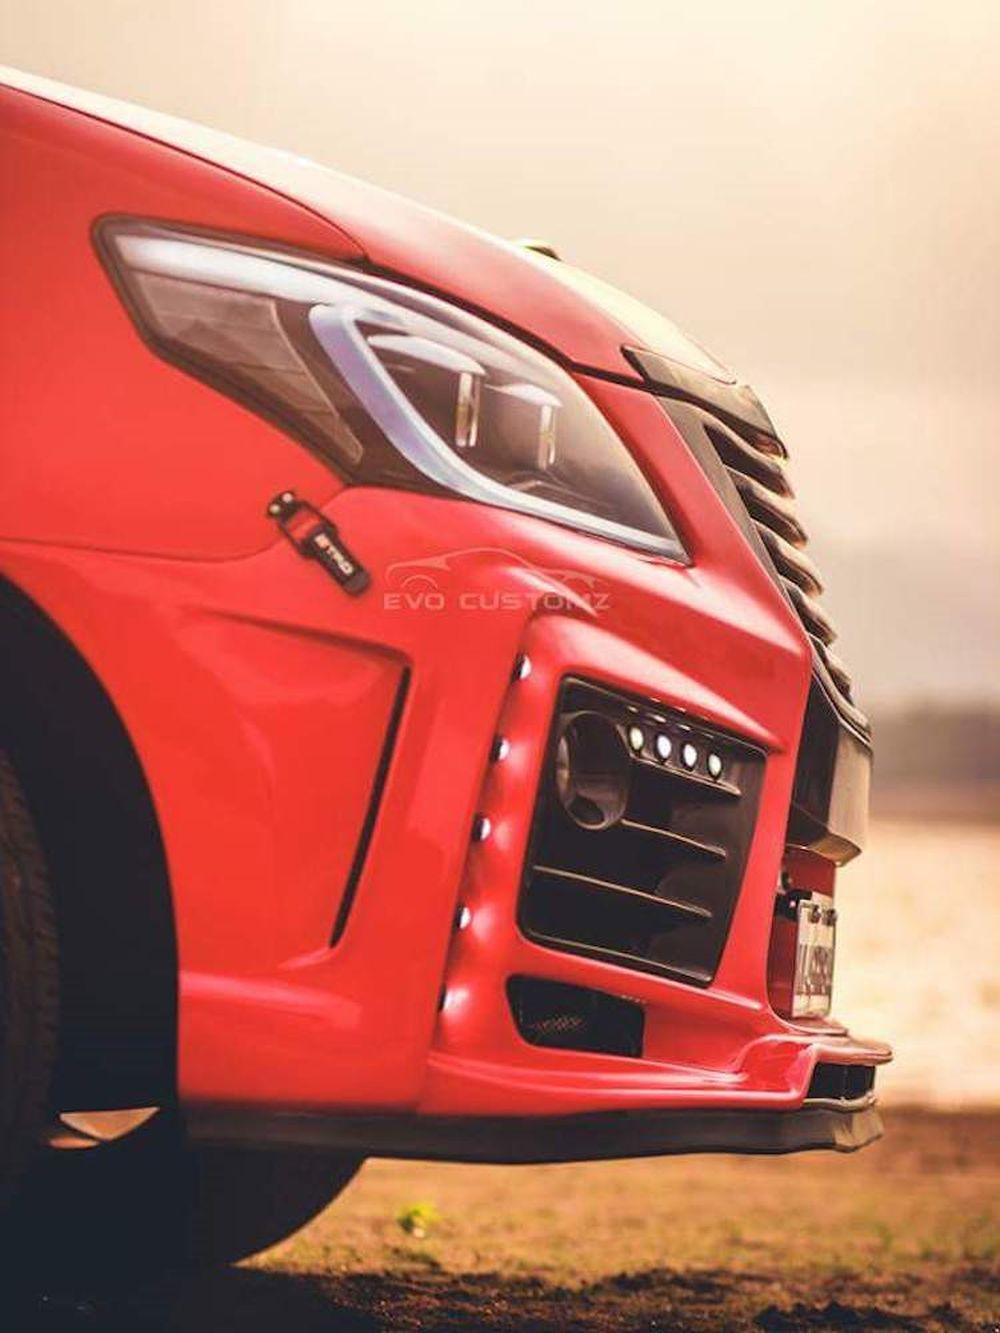 Cận cảnh Toyota Innova độ Lexus giá chỉ 70,4 triệu - Báo Kiến Thức